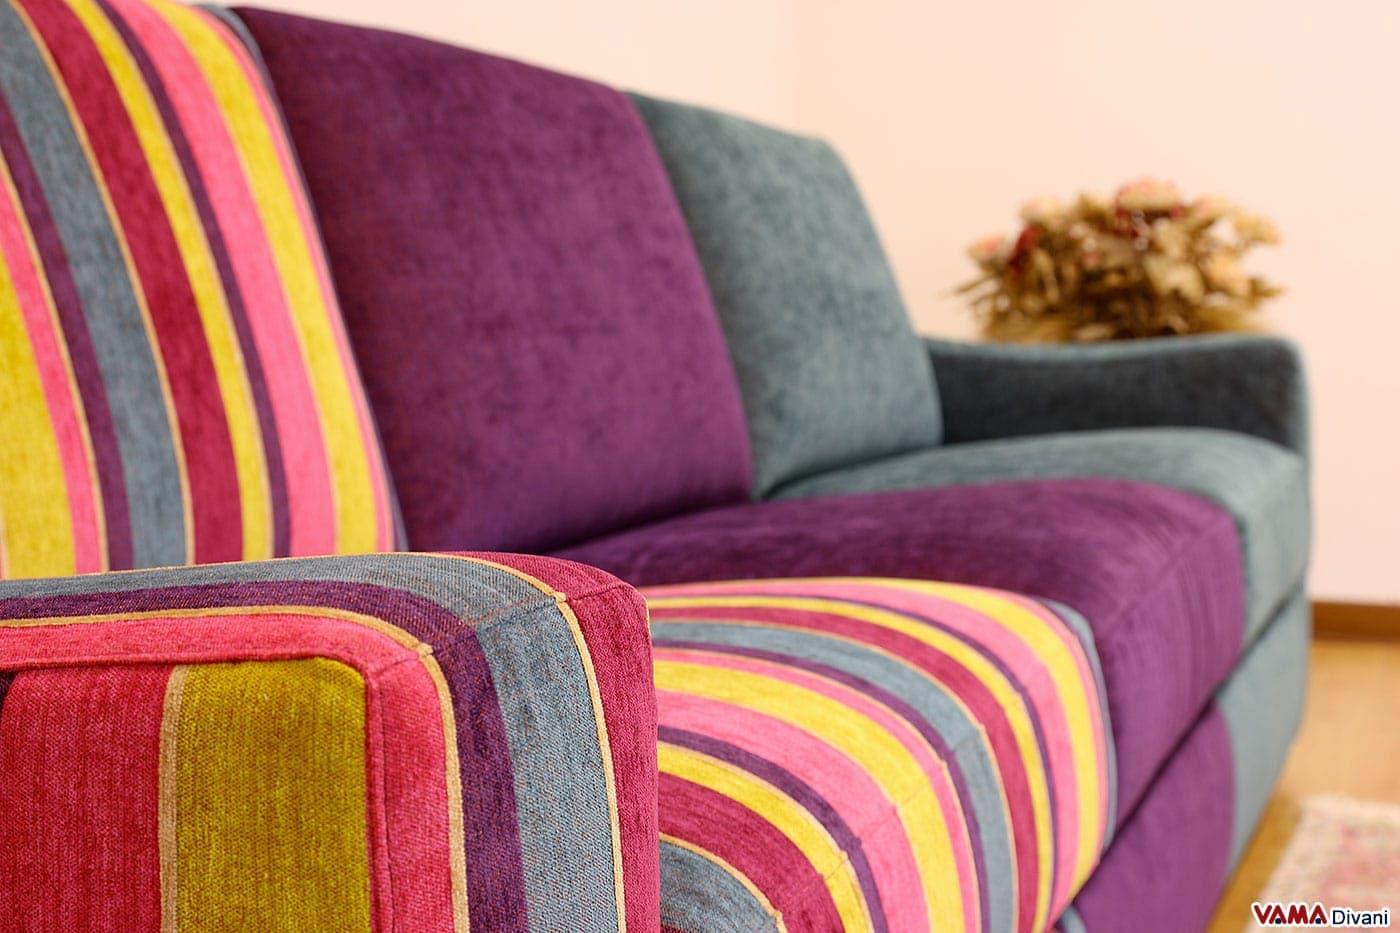 Divano Multicolore Moderno in Tessuto - VAMA Divani